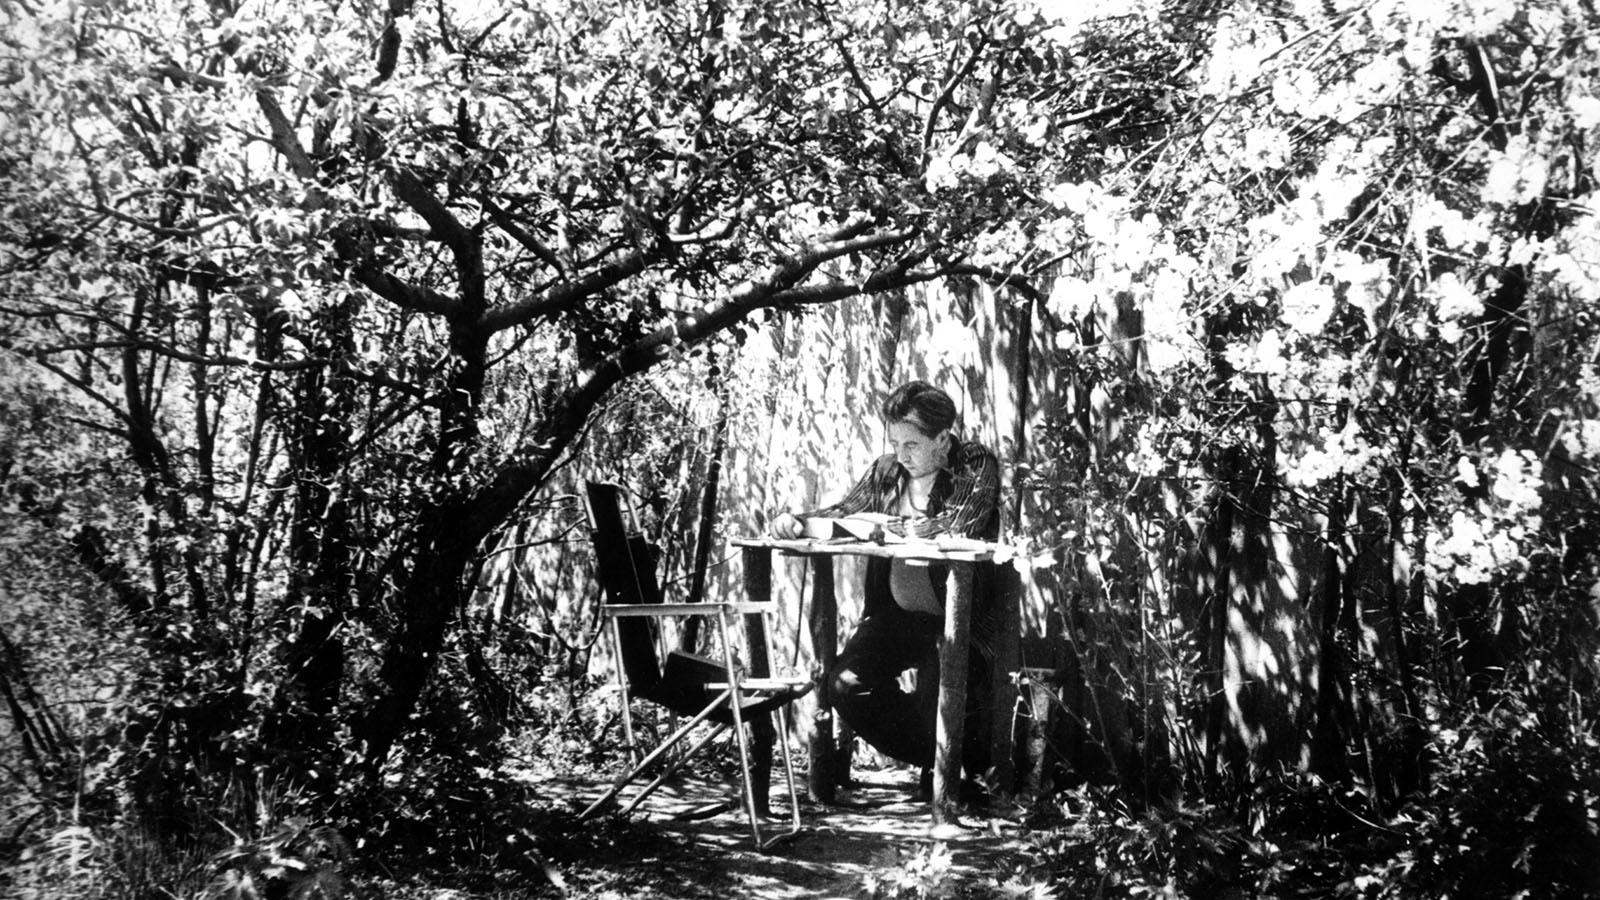 1973 год. Публикация на западе «Архипелаг ГУЛАГ» Александра Солженицына